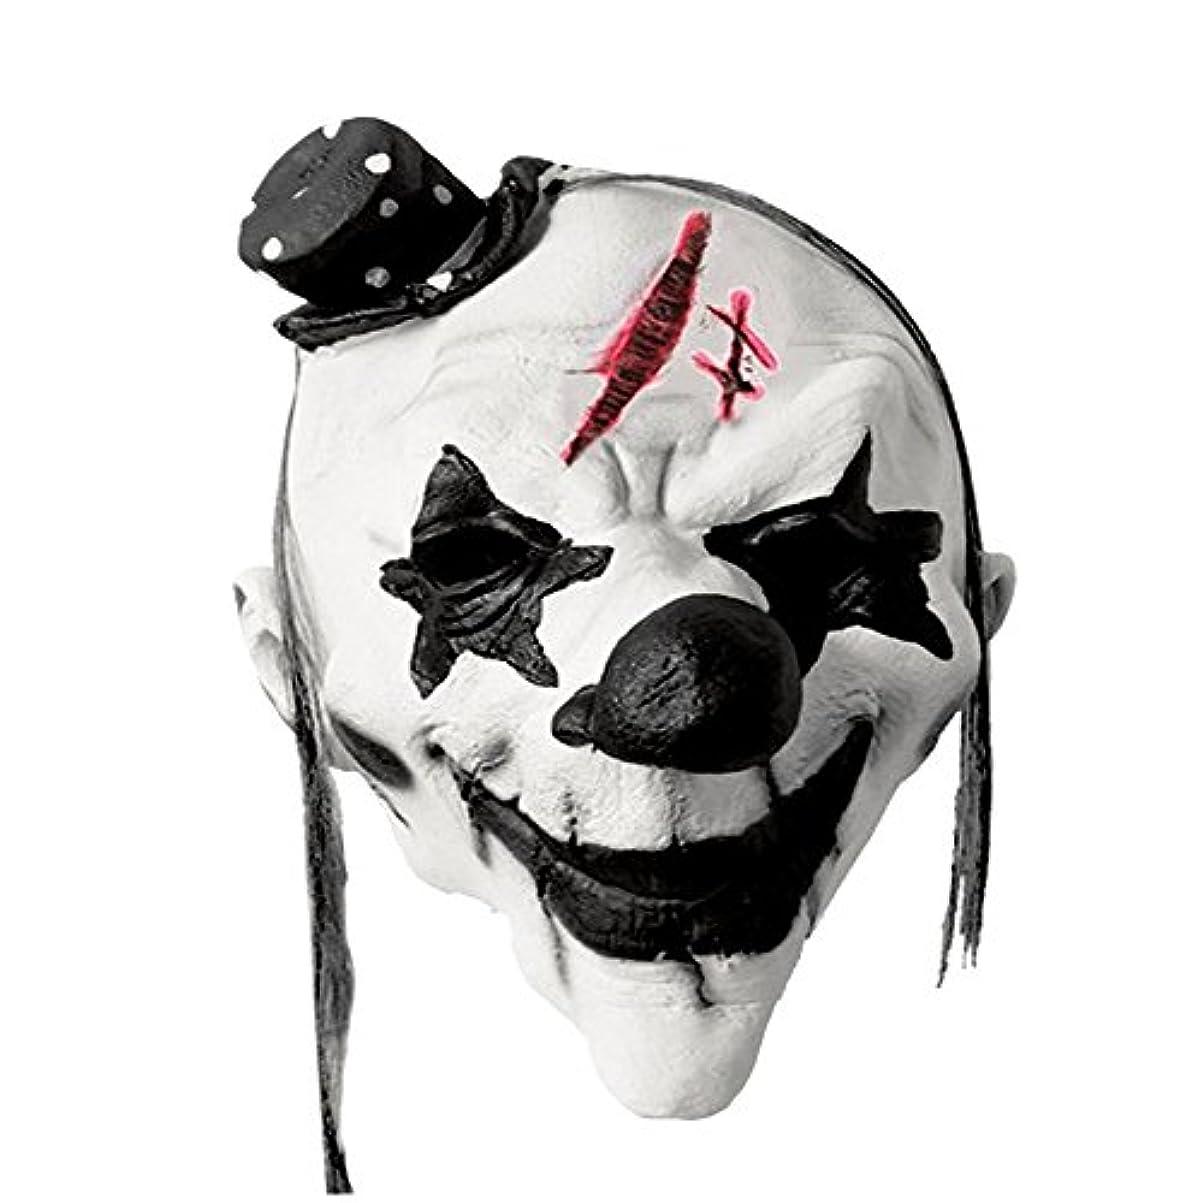 並外れた間違っているまあハロウィーンの白黒の道化師のマスク/偽装のホラーマスクのプロムパフォーマンスショーは小道具の道化師のマスクをドレスアップ